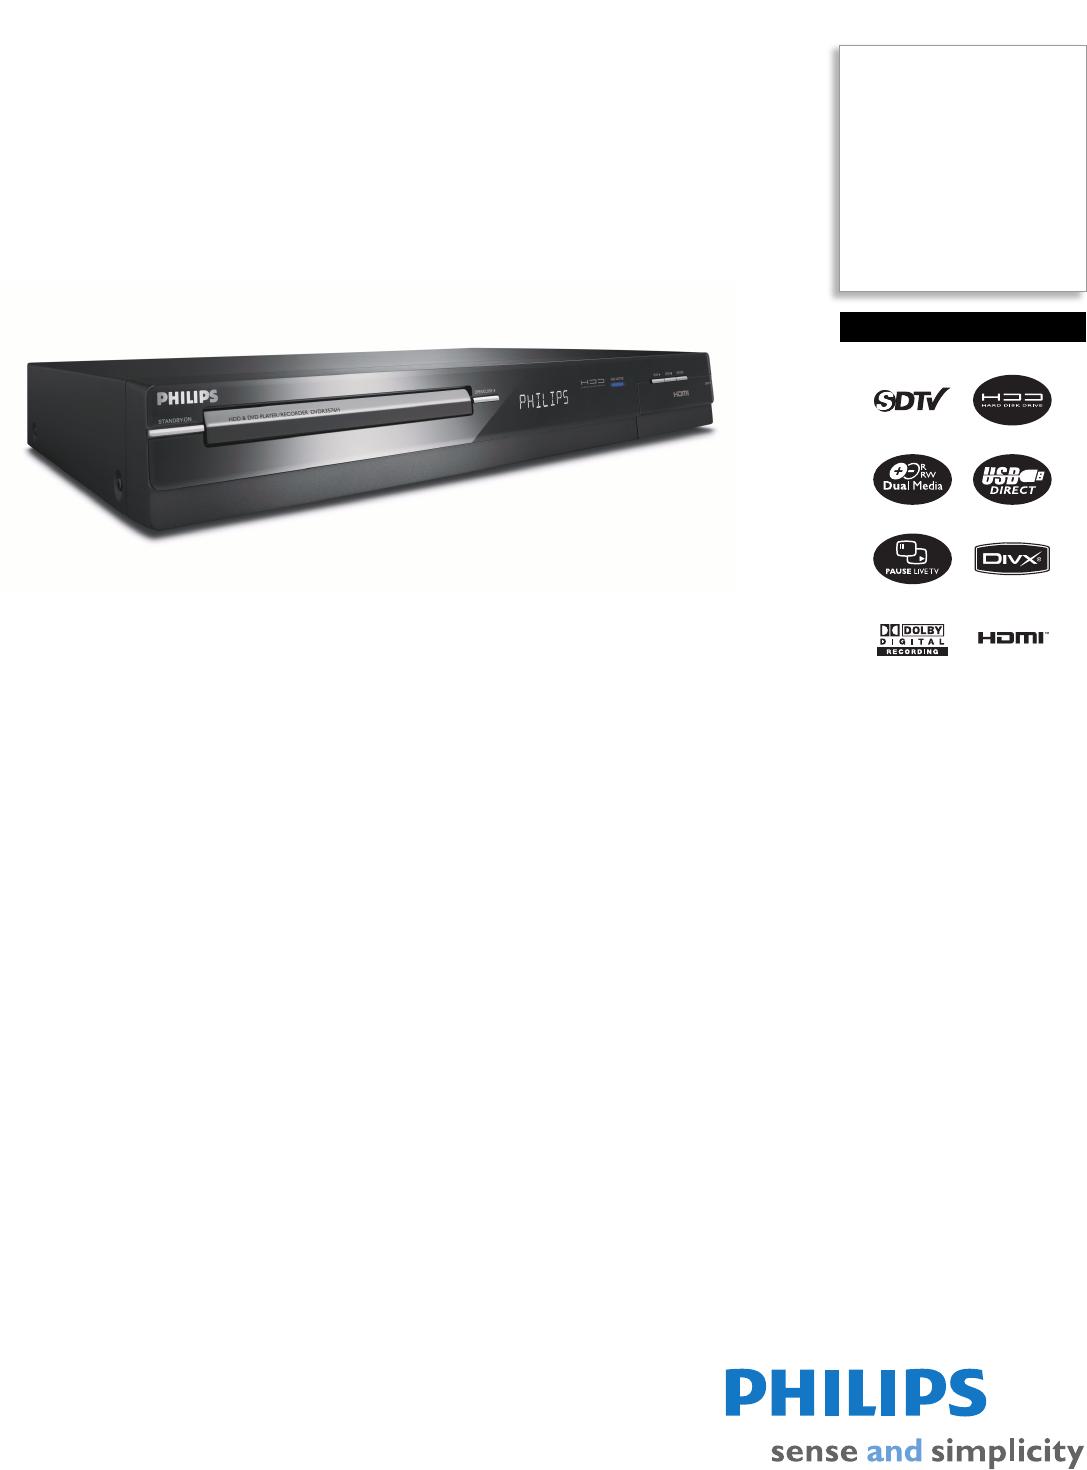 philips dvr dvdr3576h user guide manualsonline com rh tv manualsonline com 4 Channel DVR Manual Dish ViP722 DVR Manual